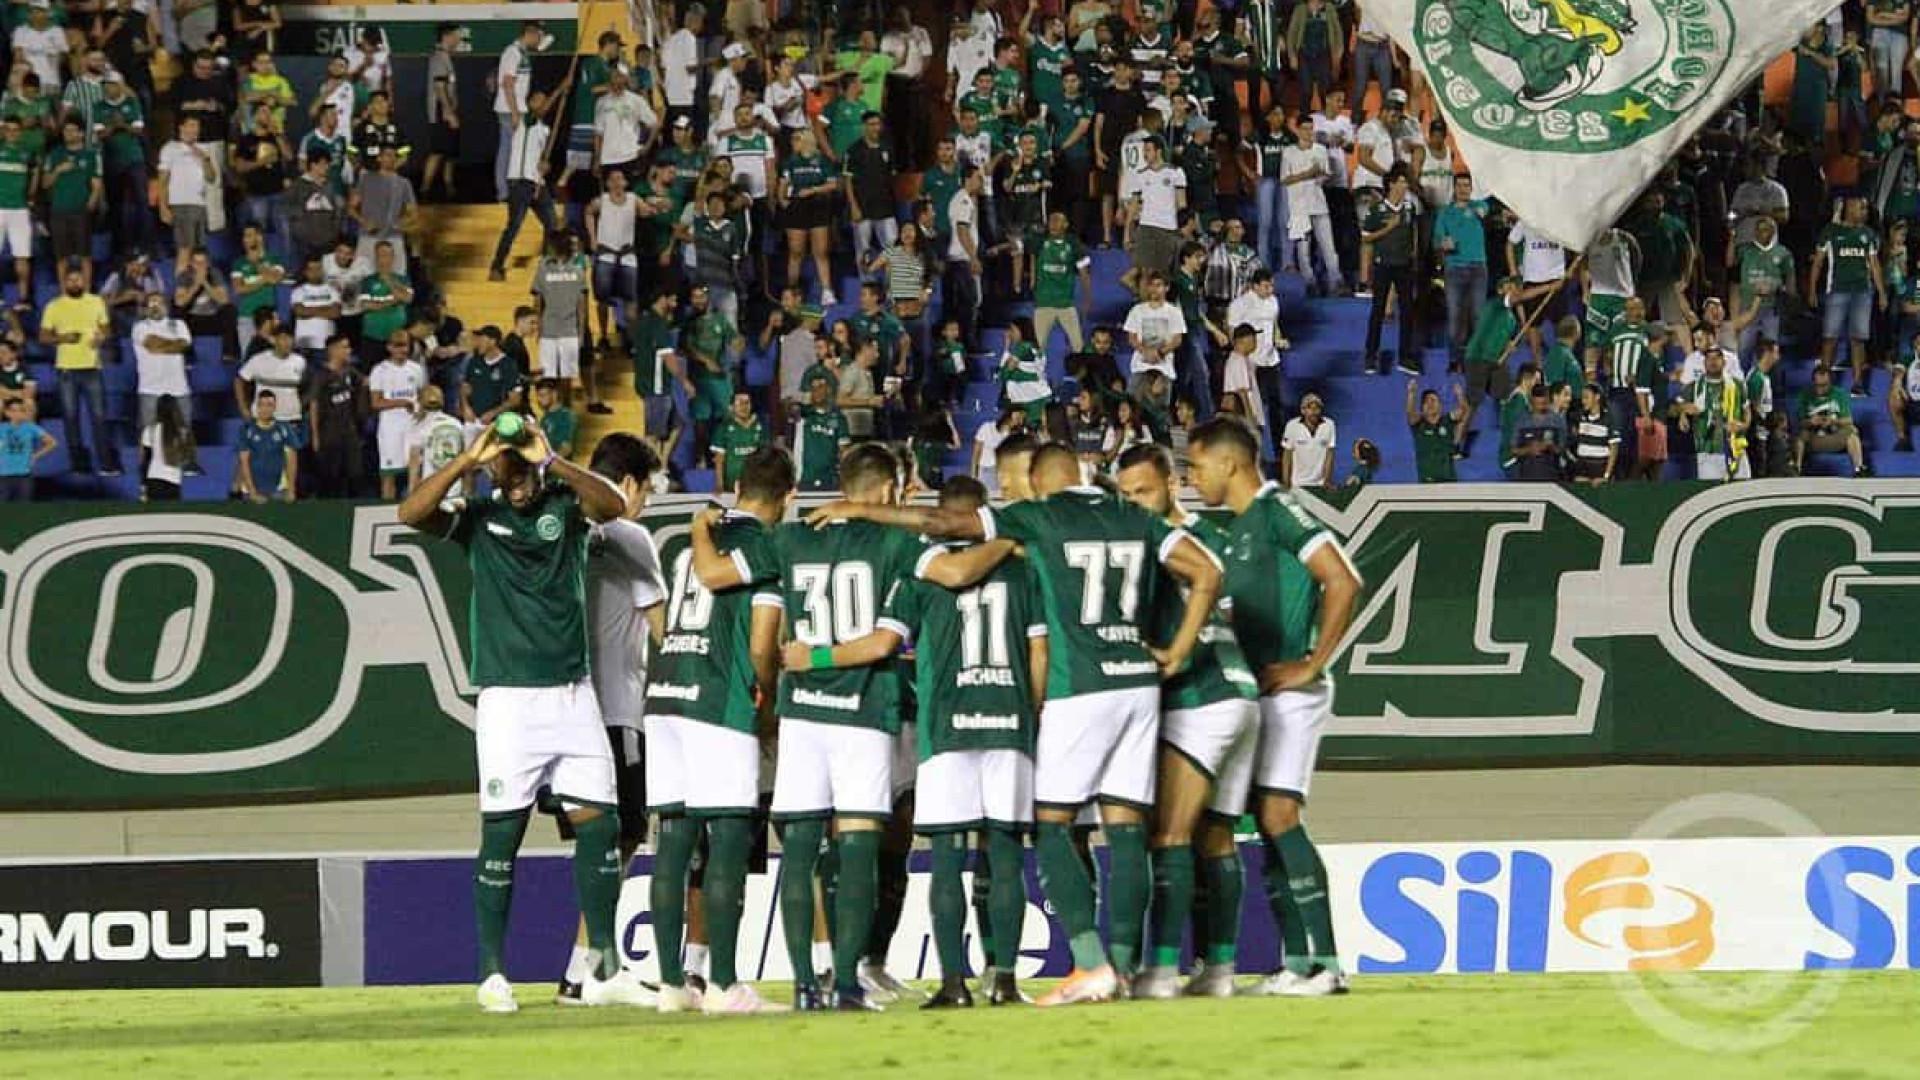 Com mais 2 casos de covid-19, Goiás se fecha para tentar surpreender o Palmeiras